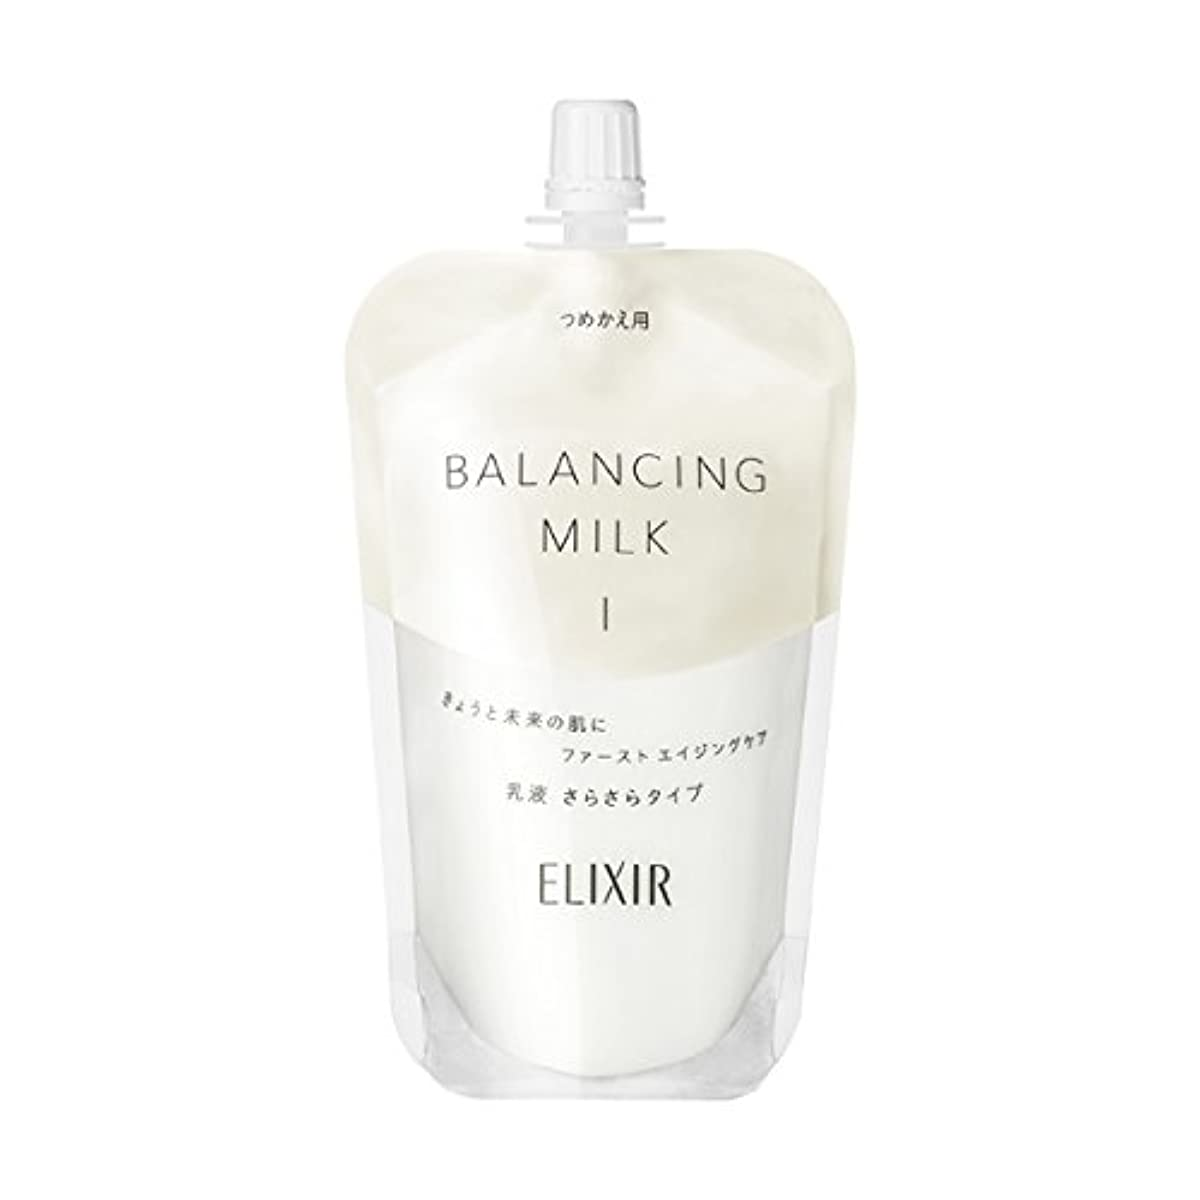 有害な脱走説教エリクシール ルフレ バランシング ミルク 乳液 1 (さらさらタイプ) (つめかえ用) 110mL